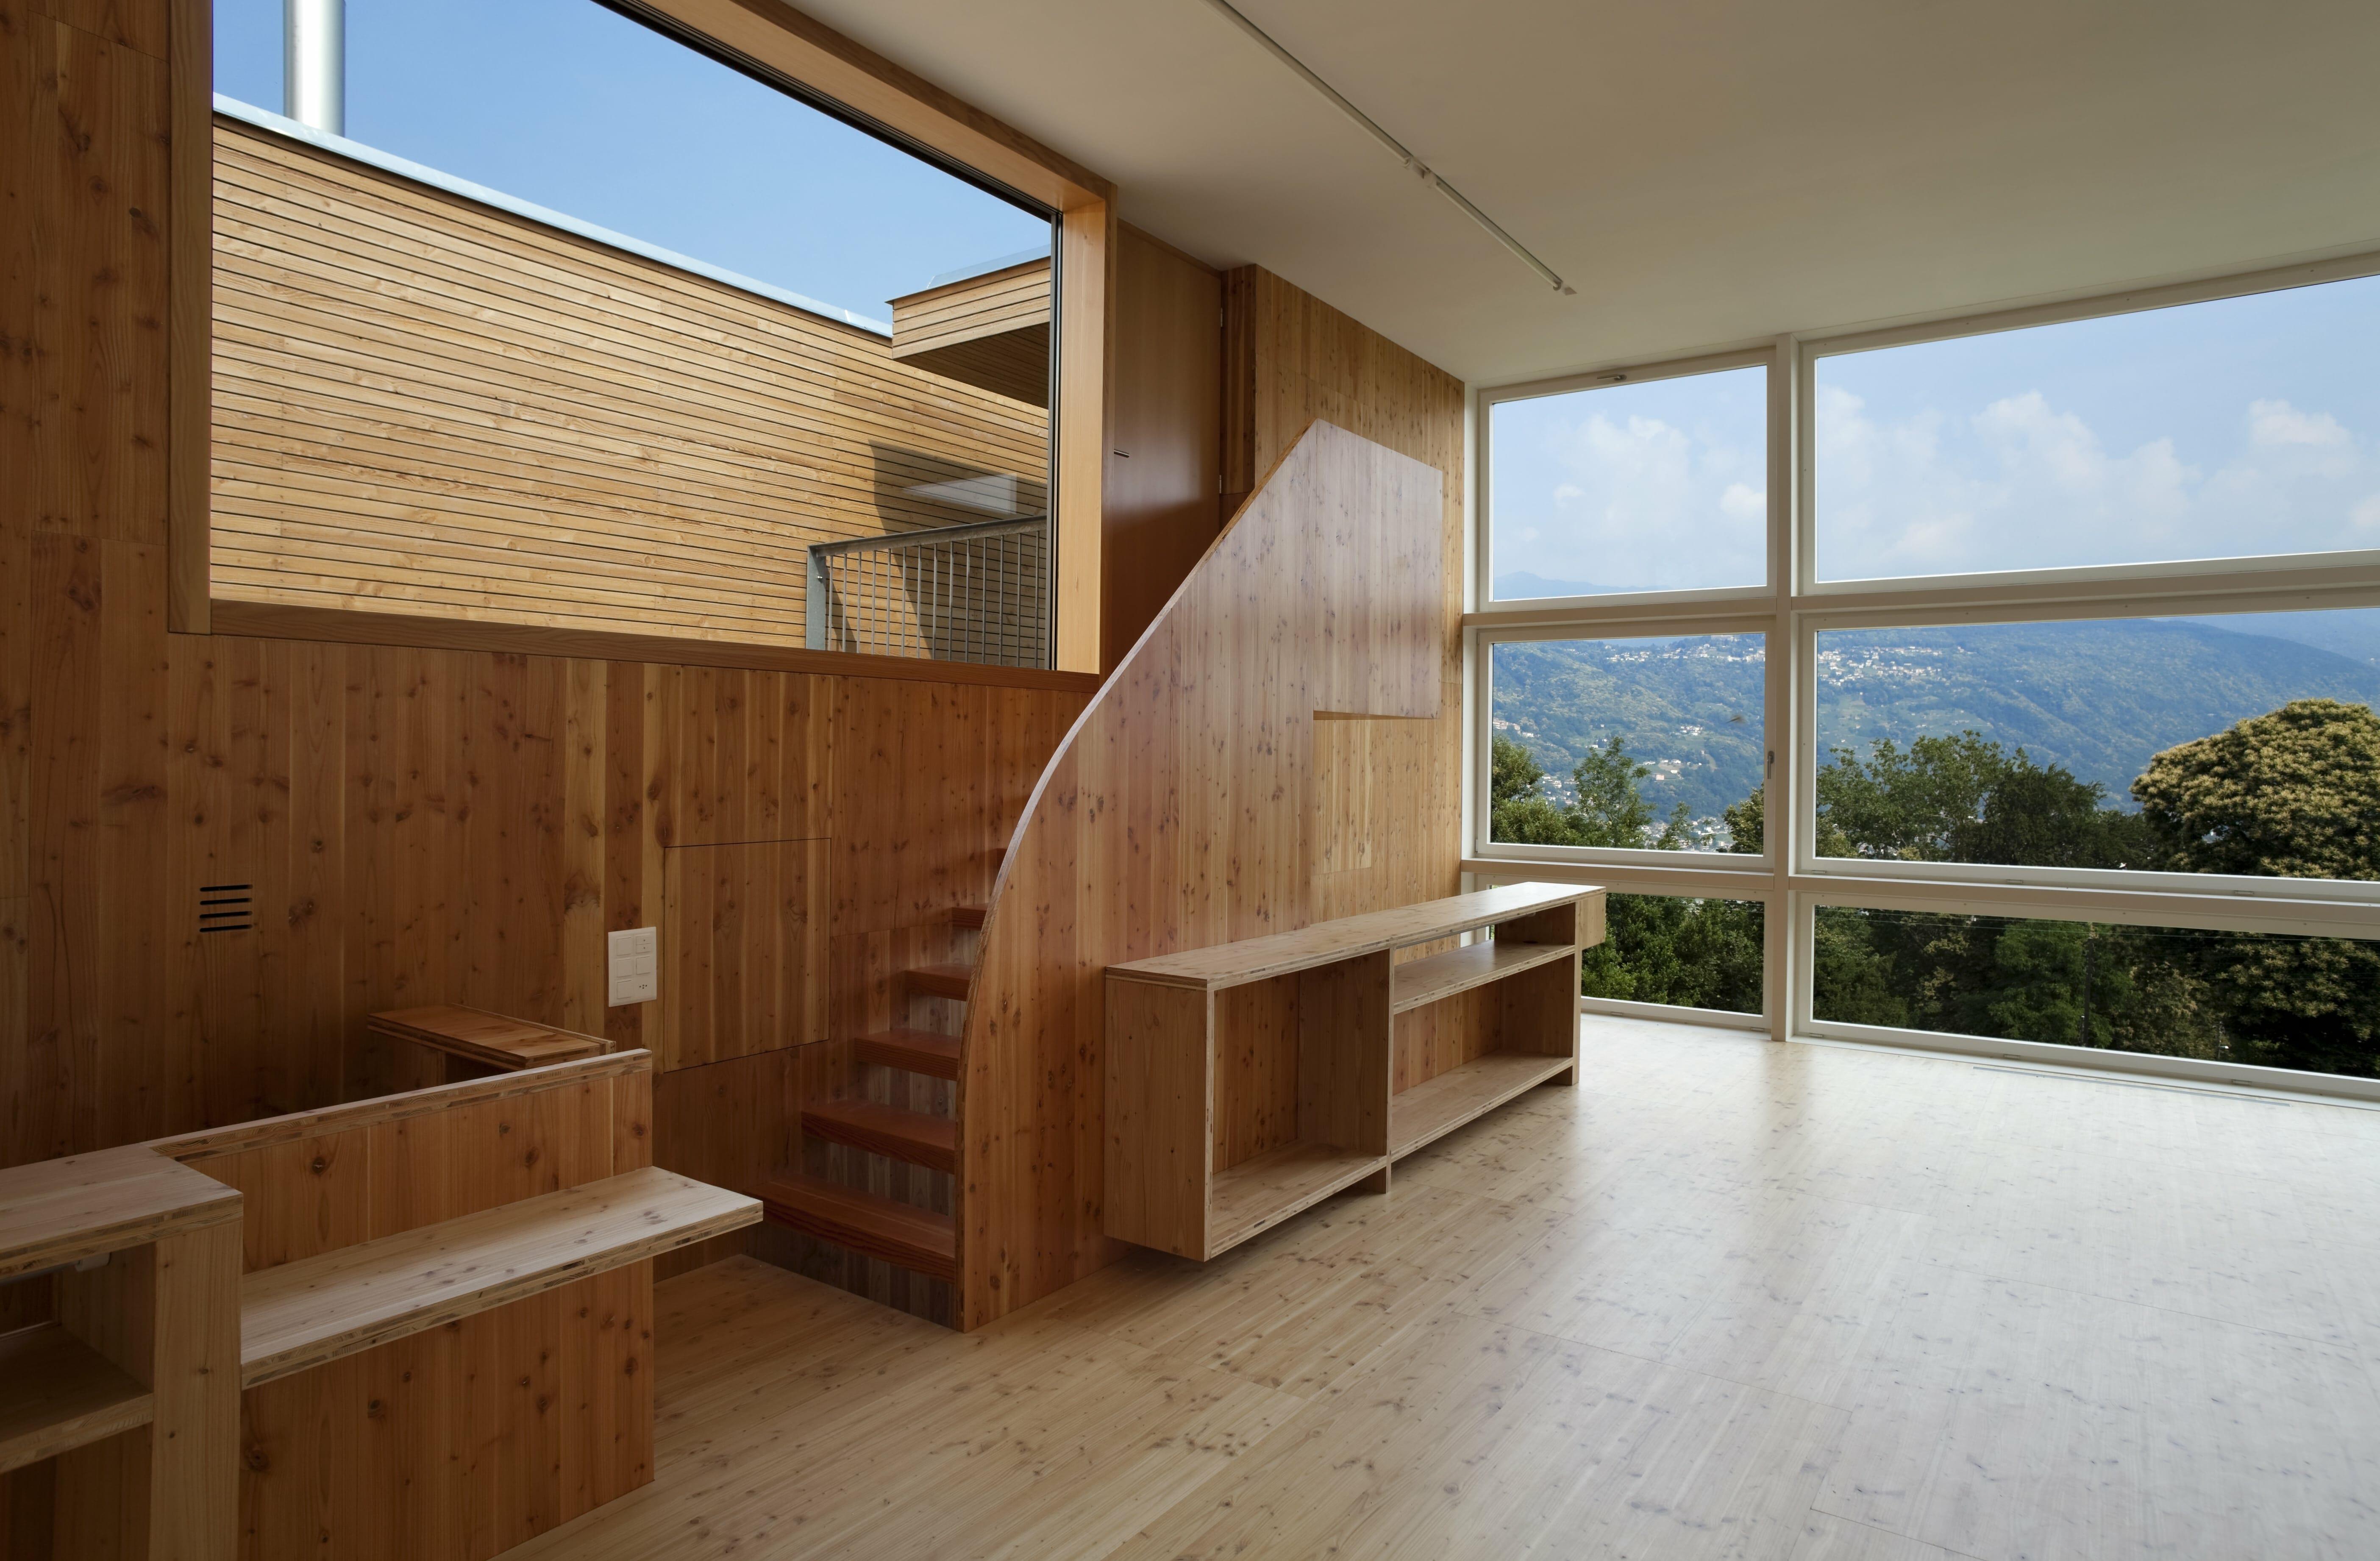 Platzsparende Möbel - Ideen für kleine Räume - 7ROOMZ